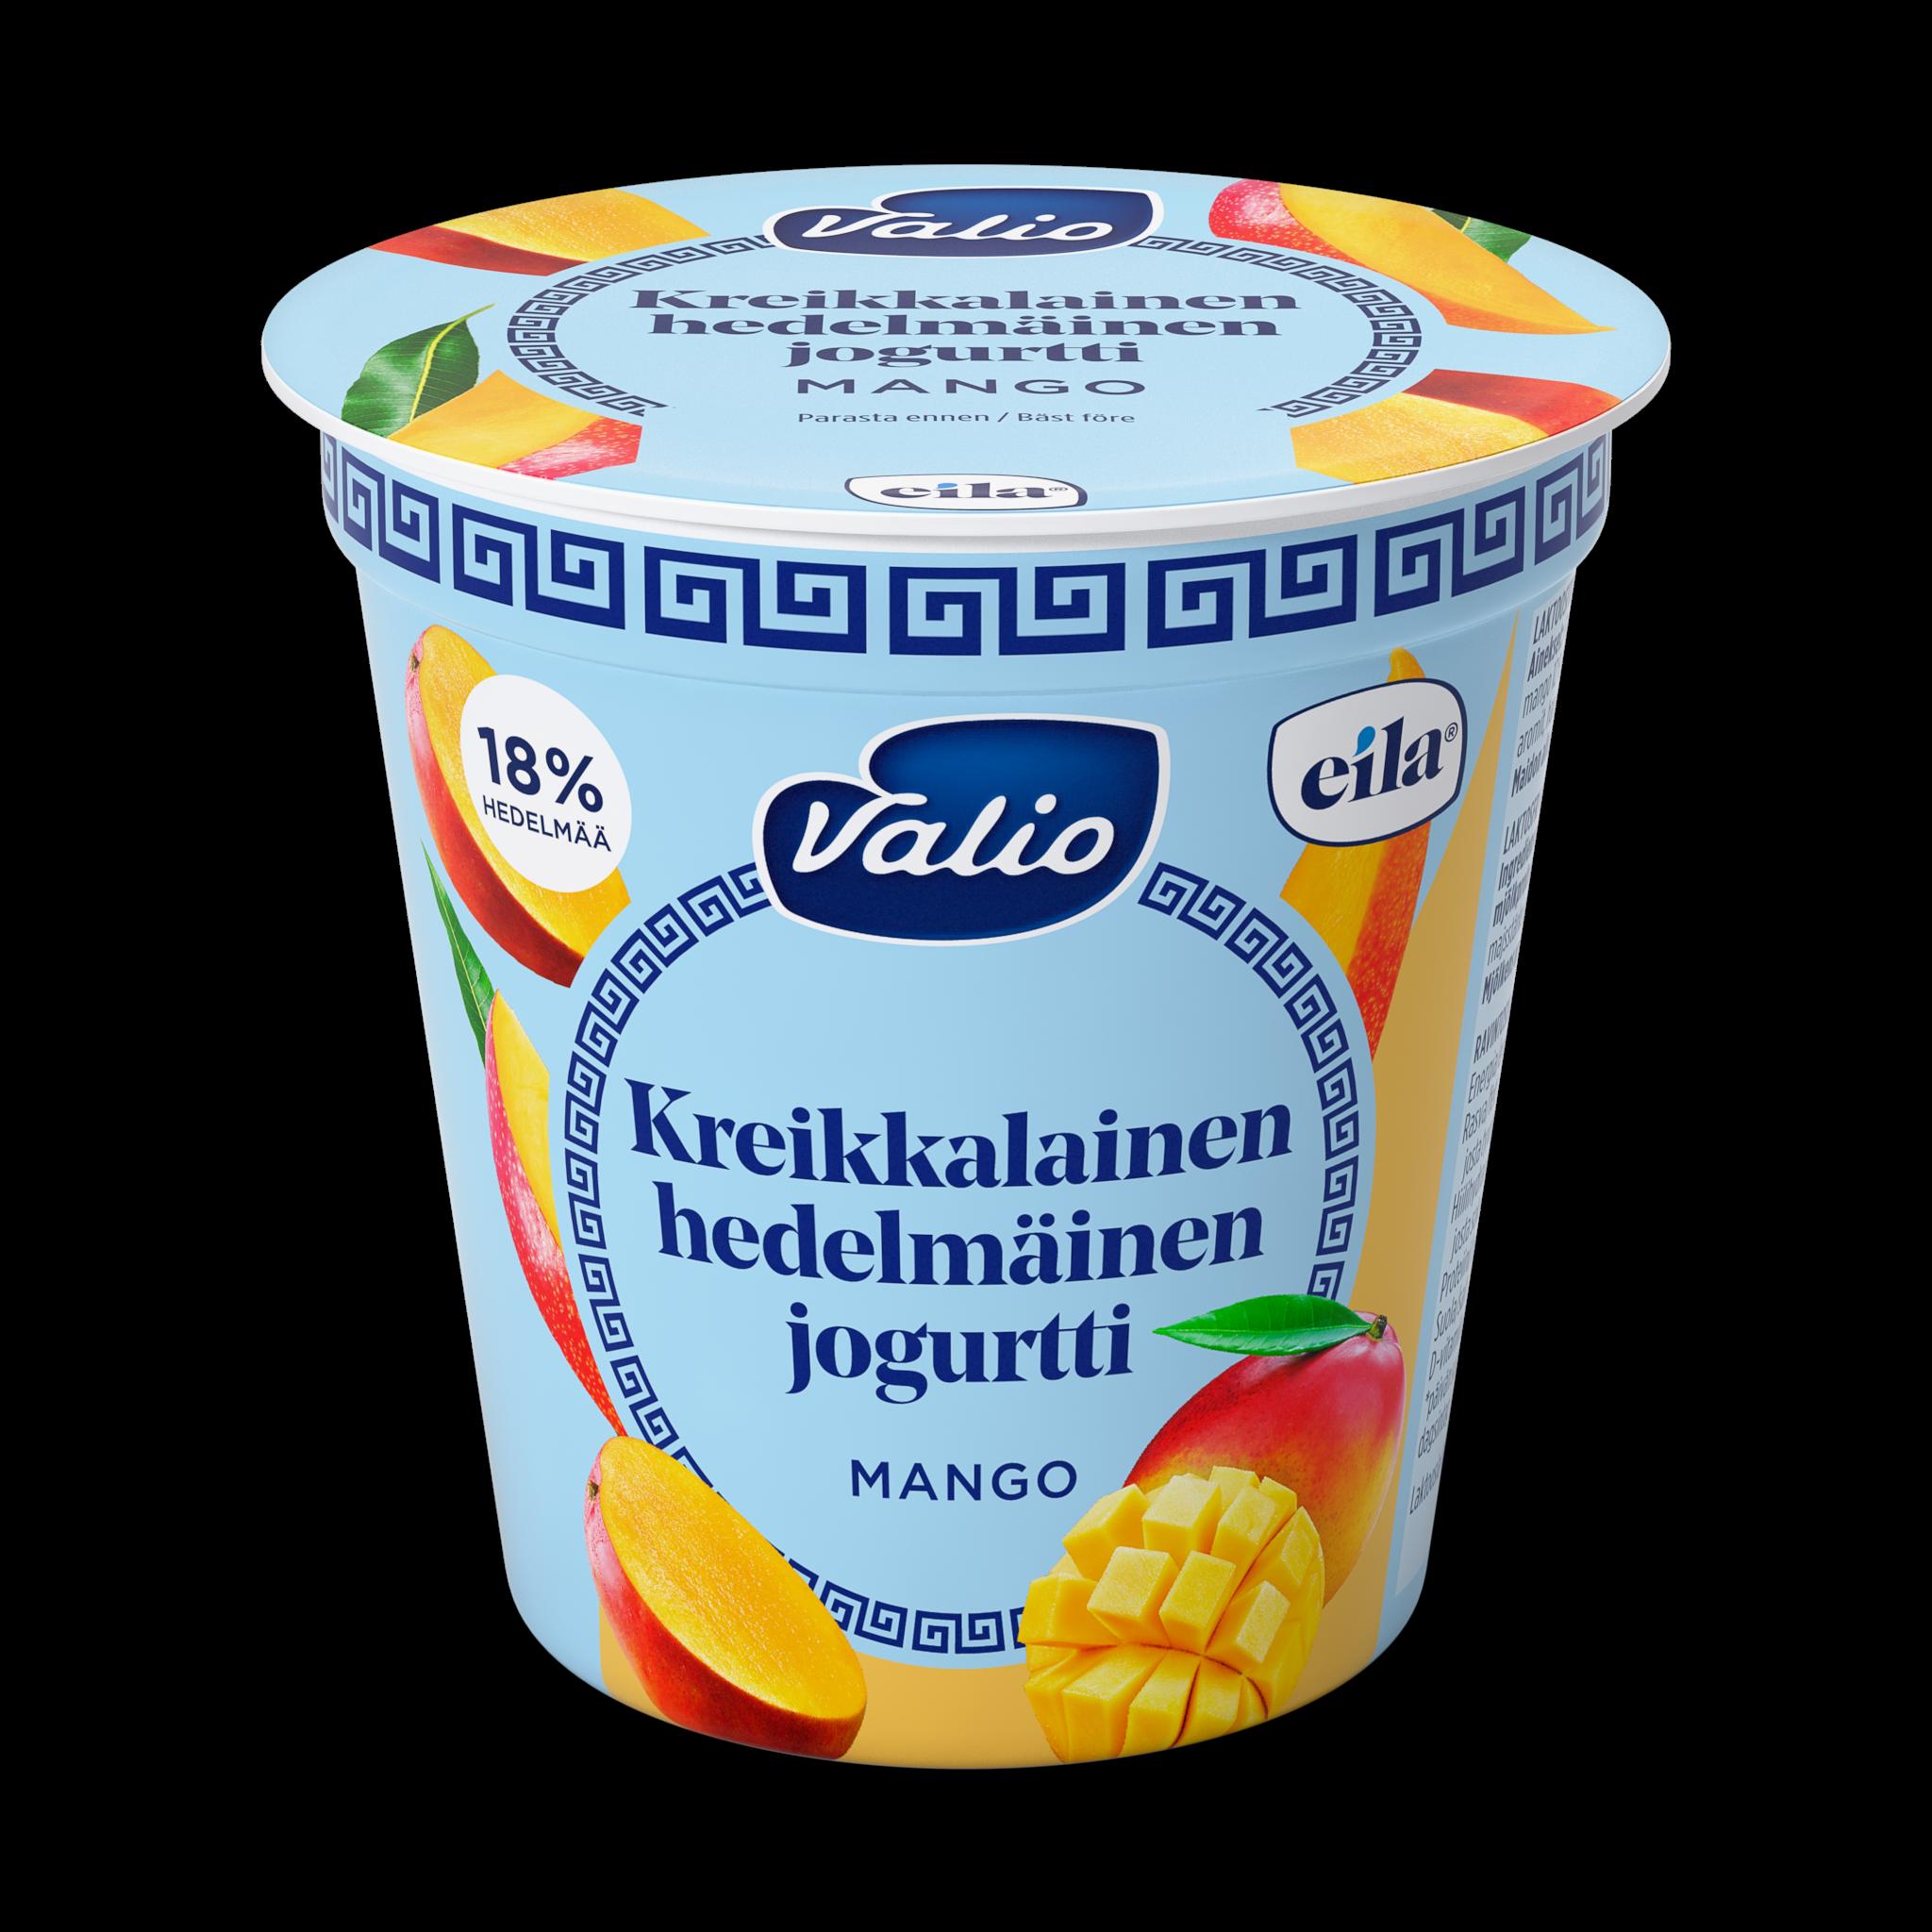 Valio kreikkalainen hedelmäinen jogurtti mango laktoositon